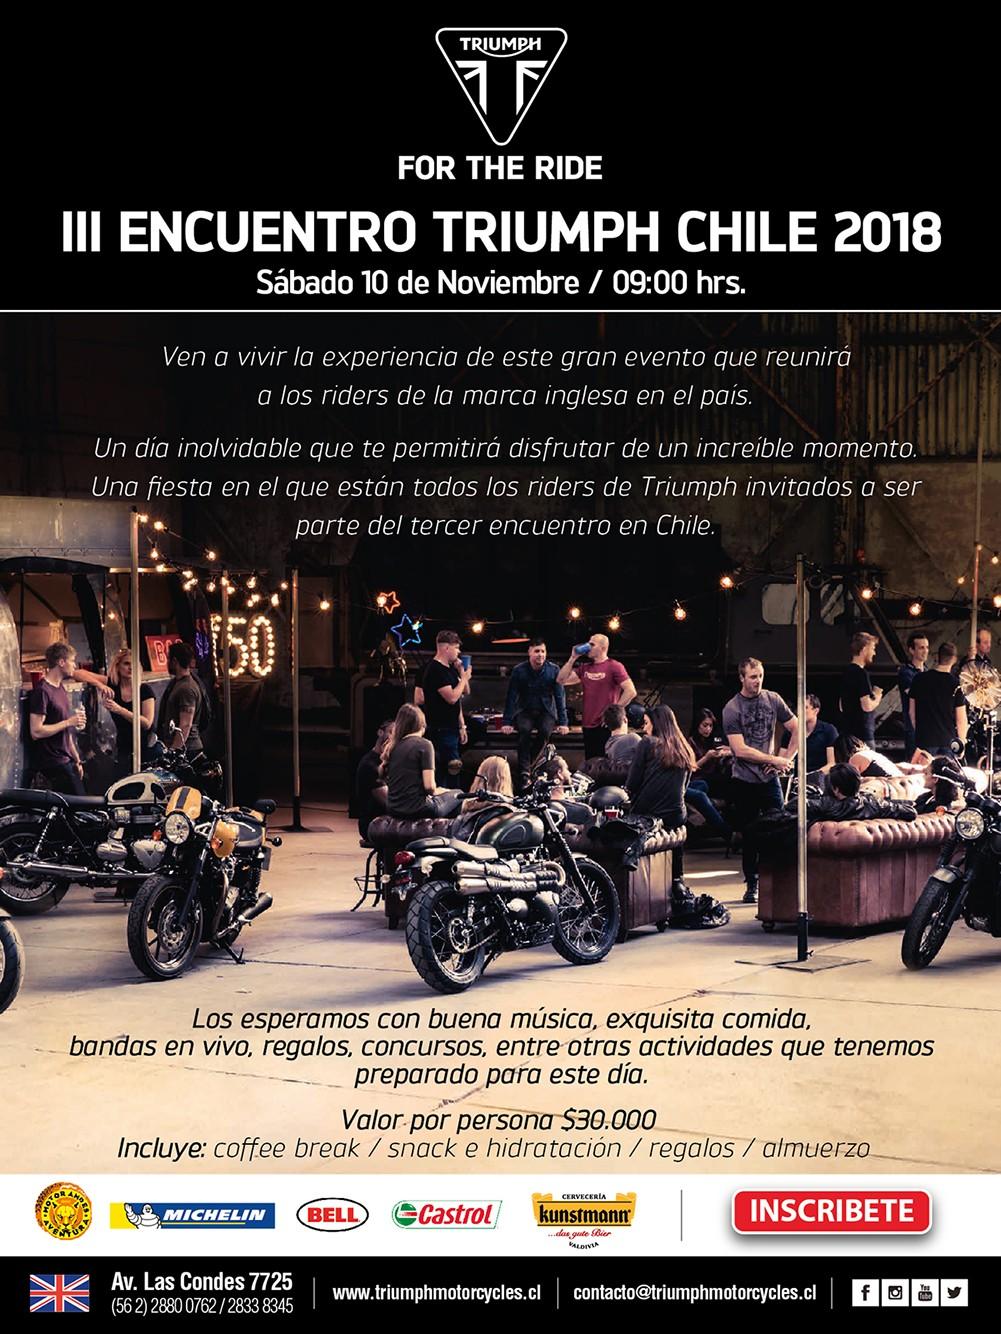 III Encuentro Triumph Chile 2018